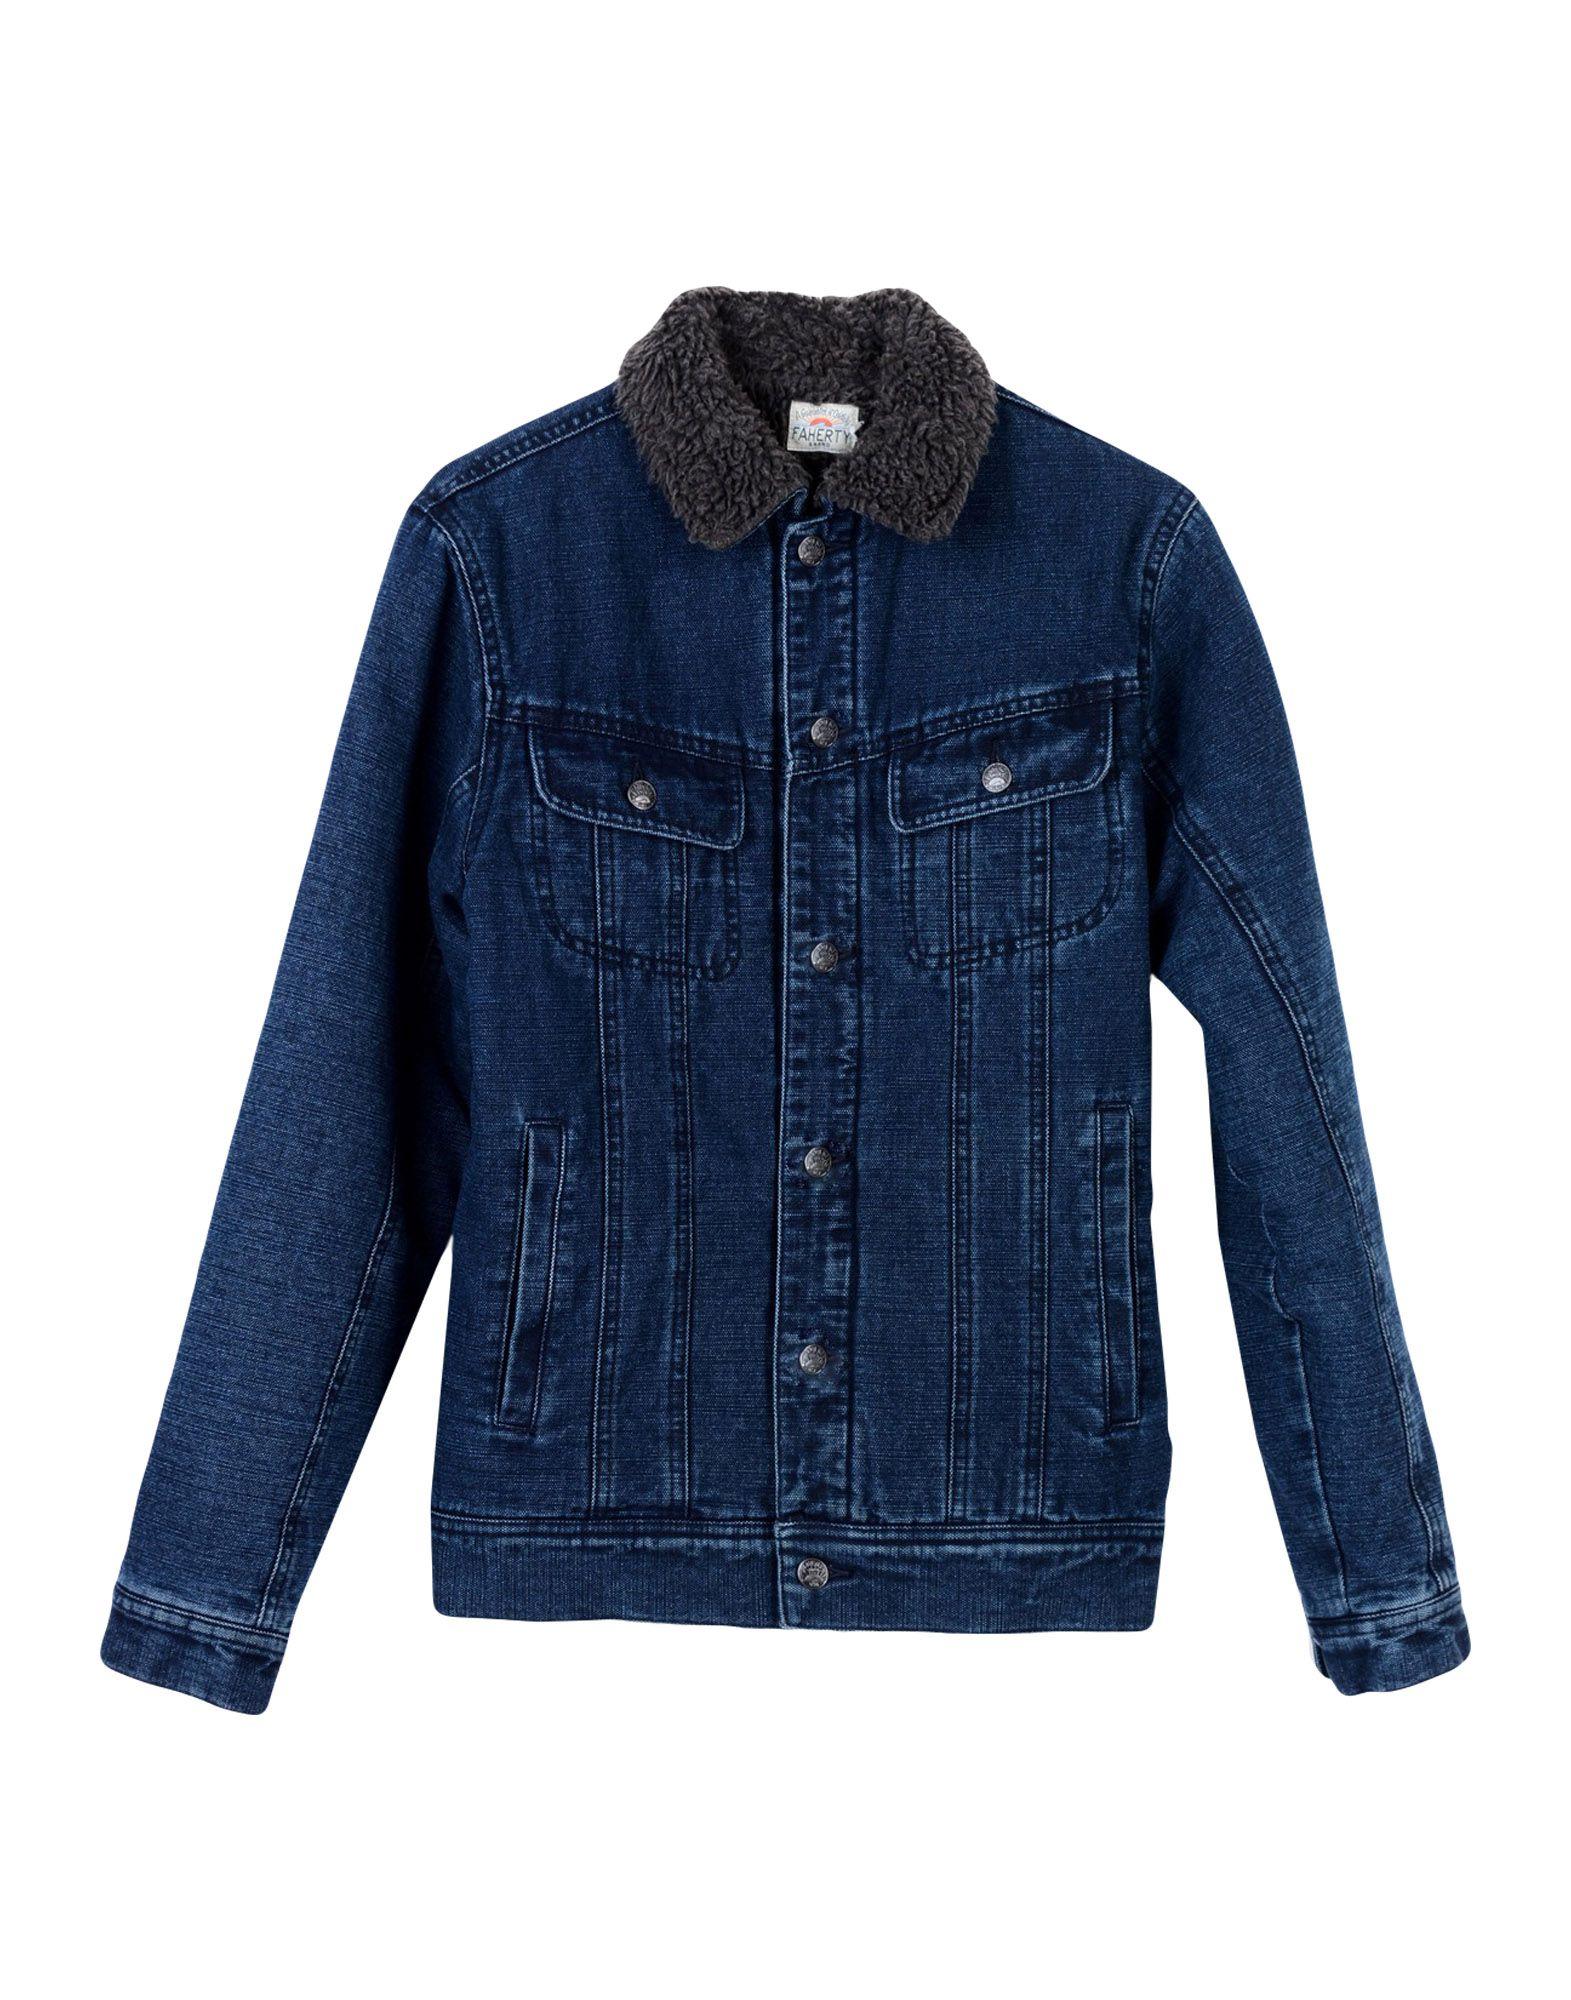 FAHERTY Джинсовая верхняя одежда colmar джинсовая верхняя одежда